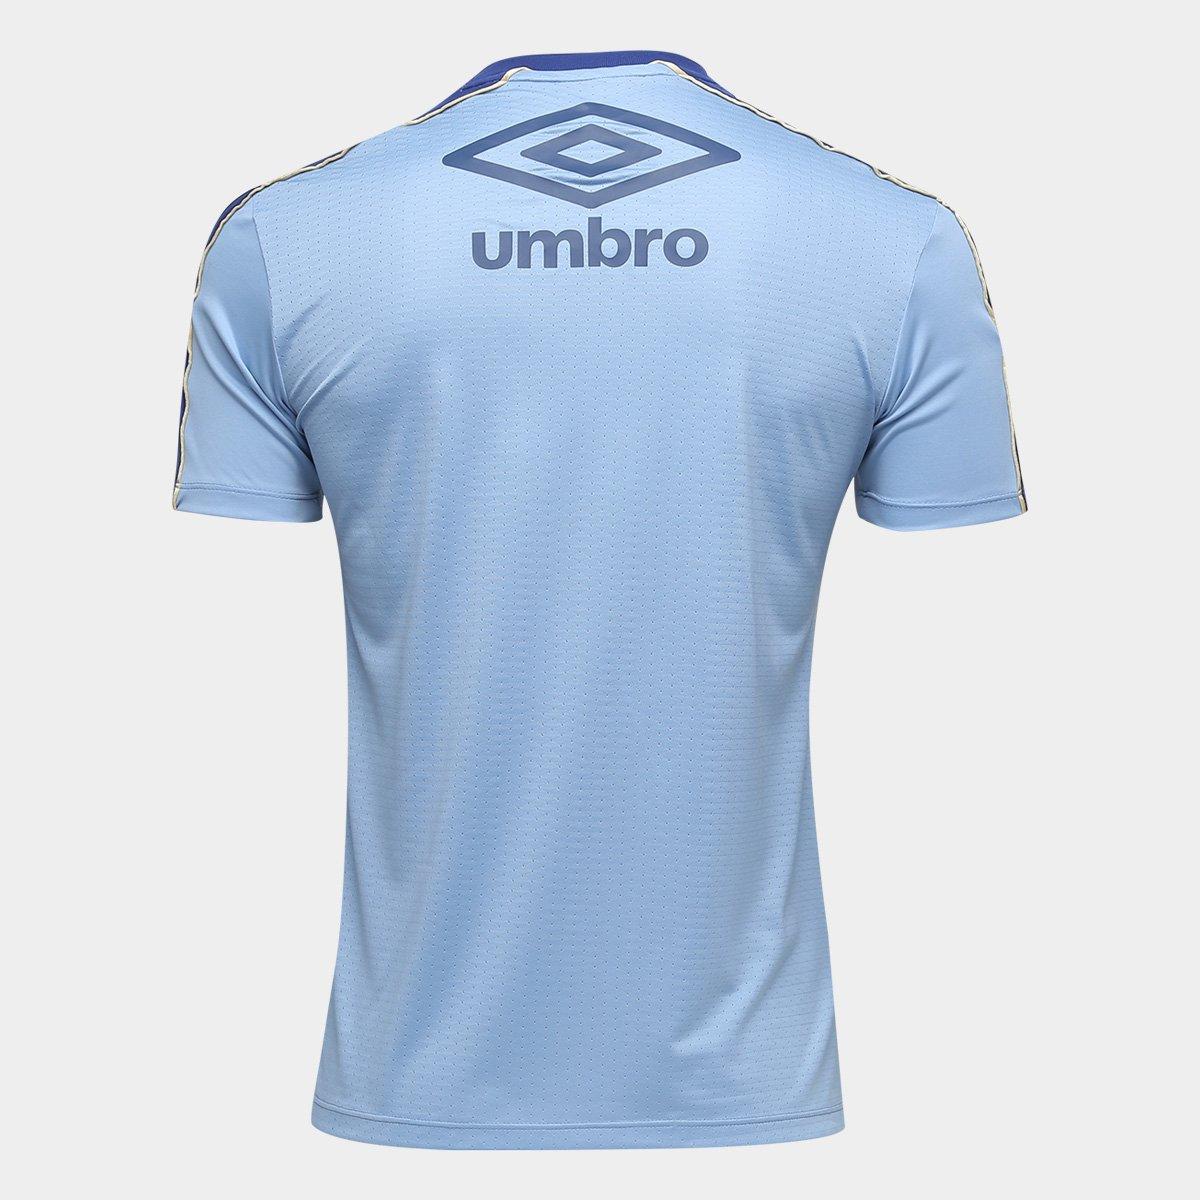 e7f5199449 Camisa do Grêmio 2019 Treino Umbro Masculina - Azul - Compre Agora ...